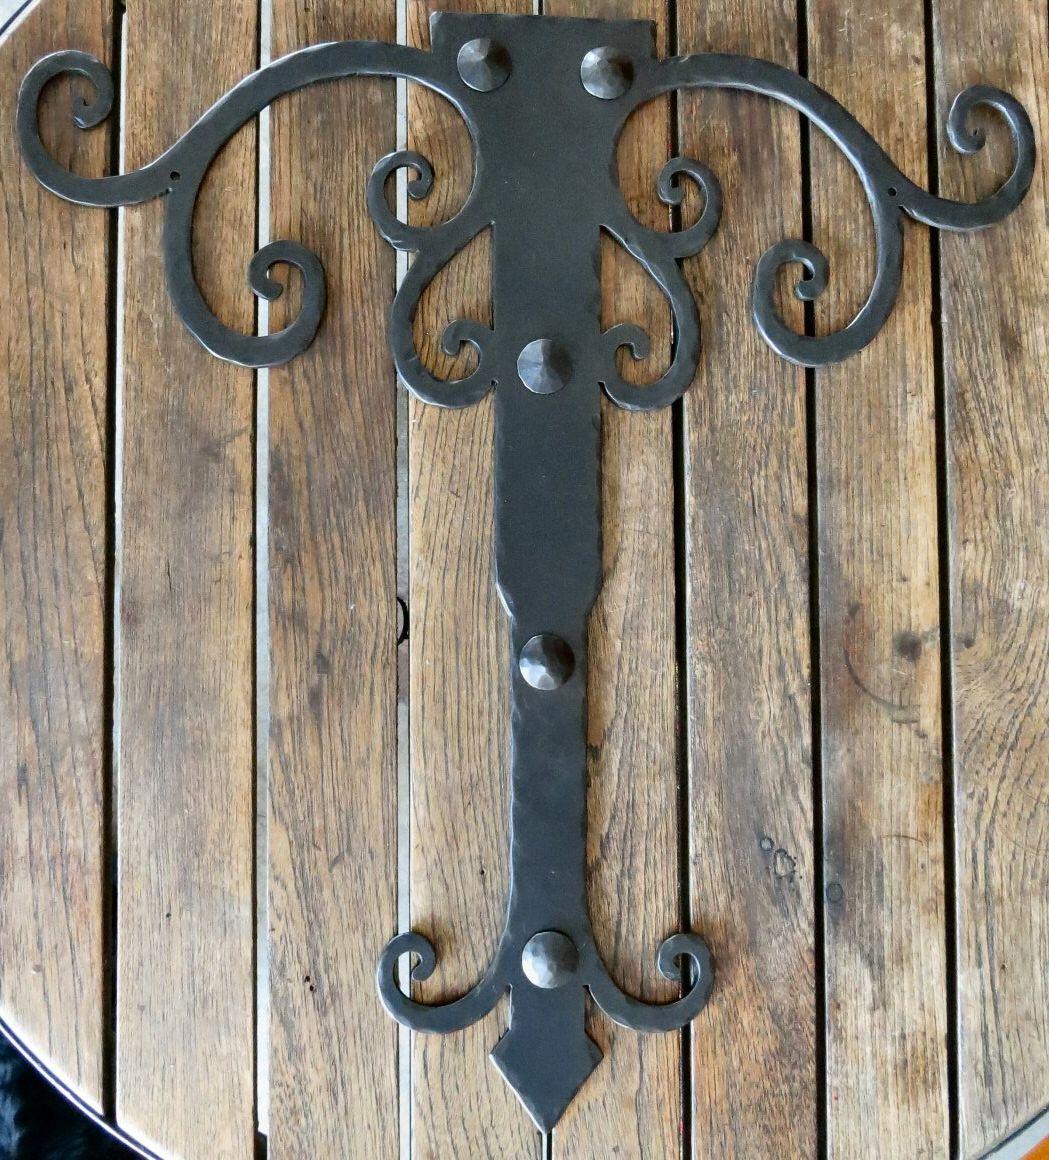 Iron Hinge Strap Hhs 348 Decorative Iron Hinges Wrought Iron Design Iron Hinges